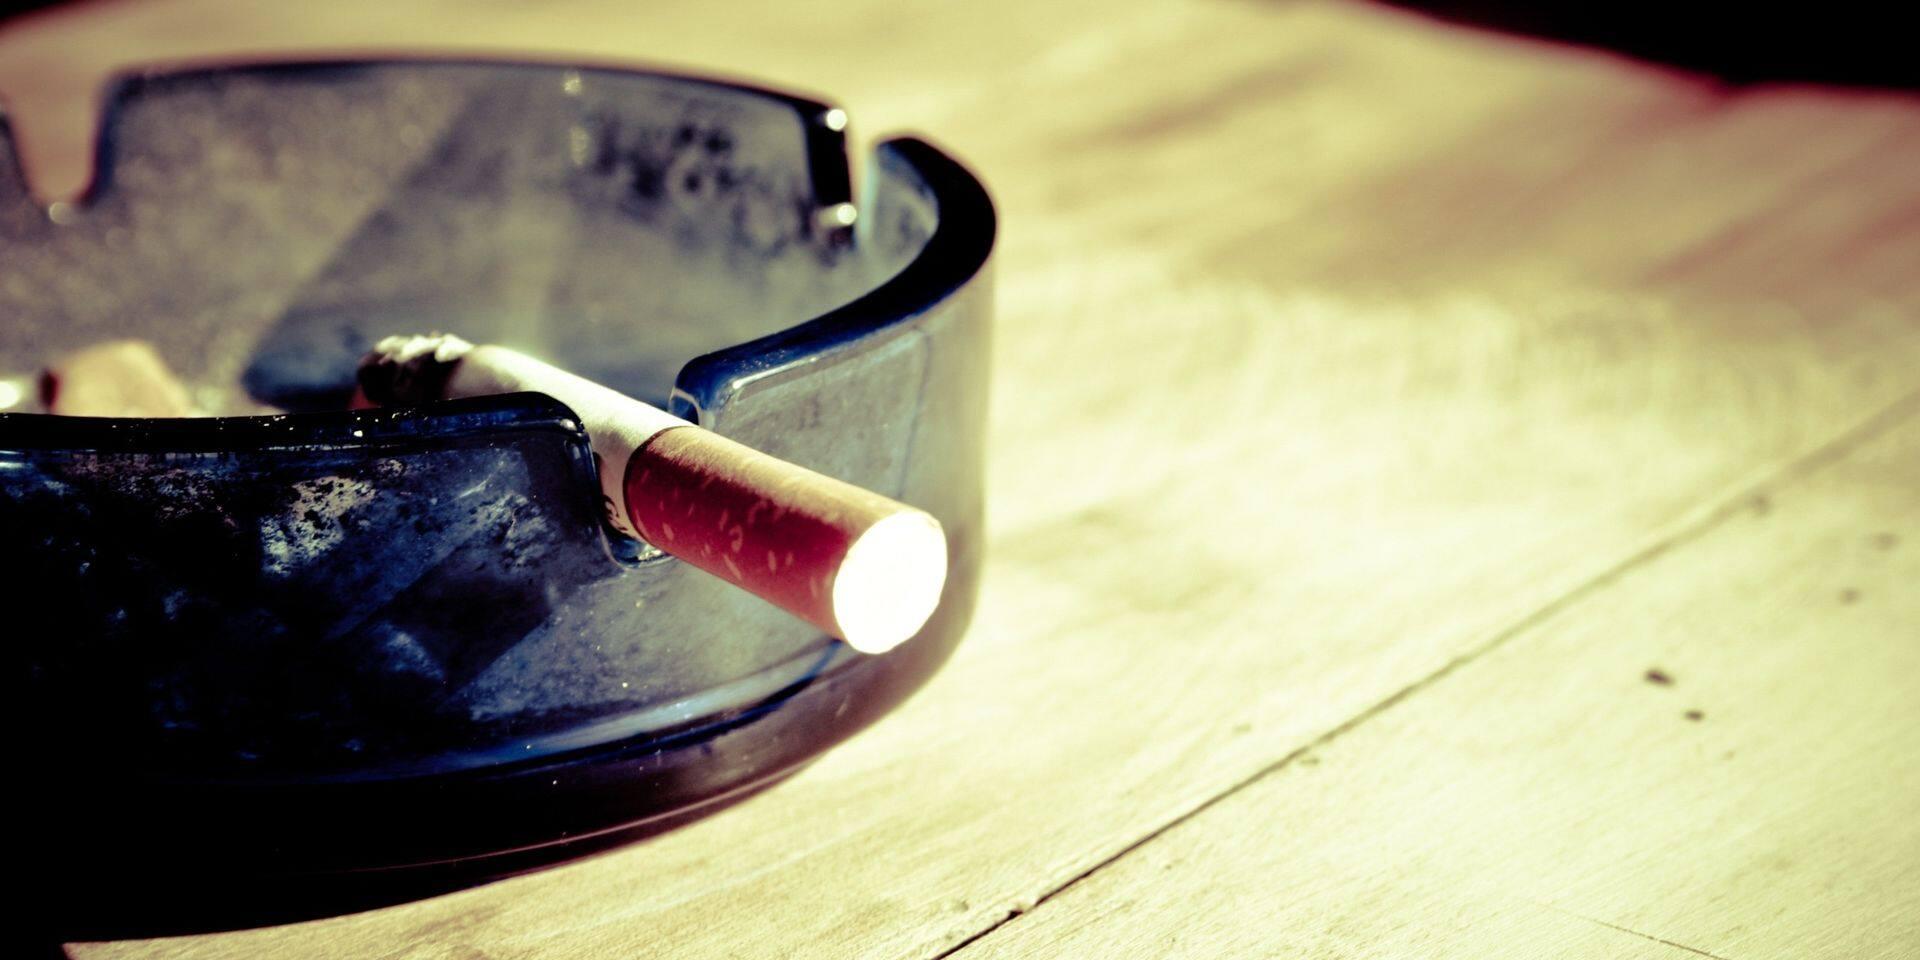 Arrêter de fumer pendant un mois multiplie par cinq les chances d'arrêter définitivement